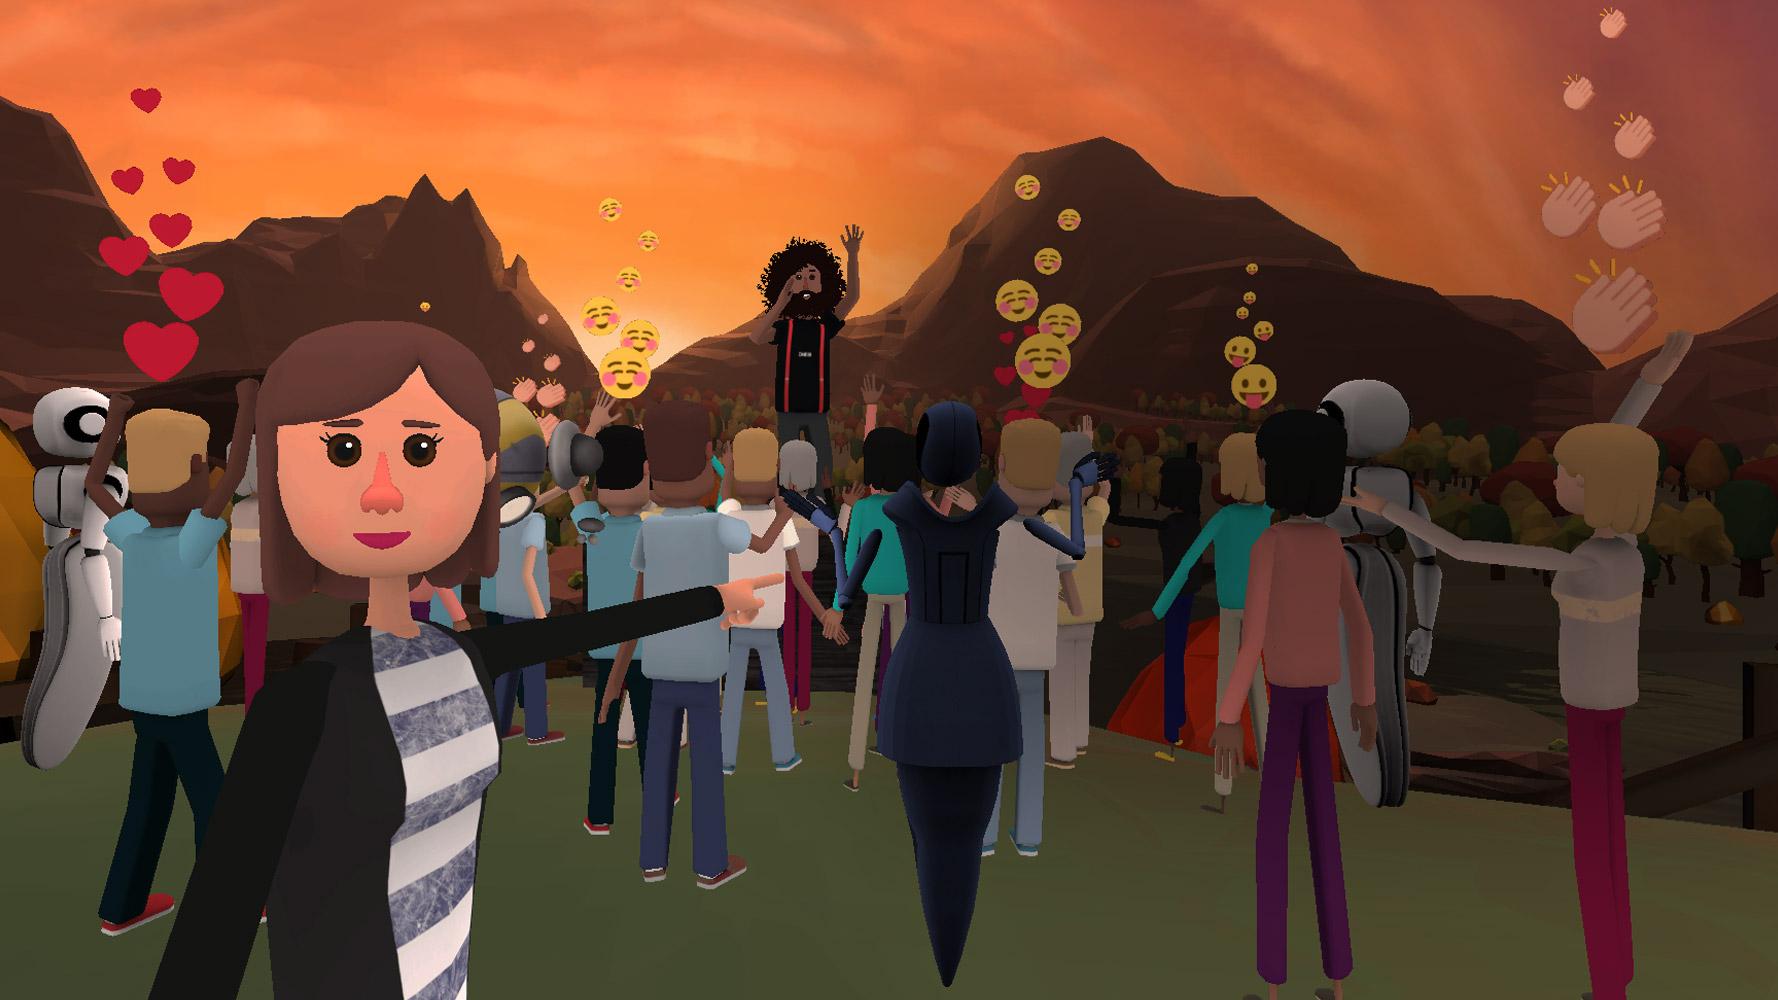 Social VR Platform 'AltspaceVR' Coming to Oculus Quest Mid-September